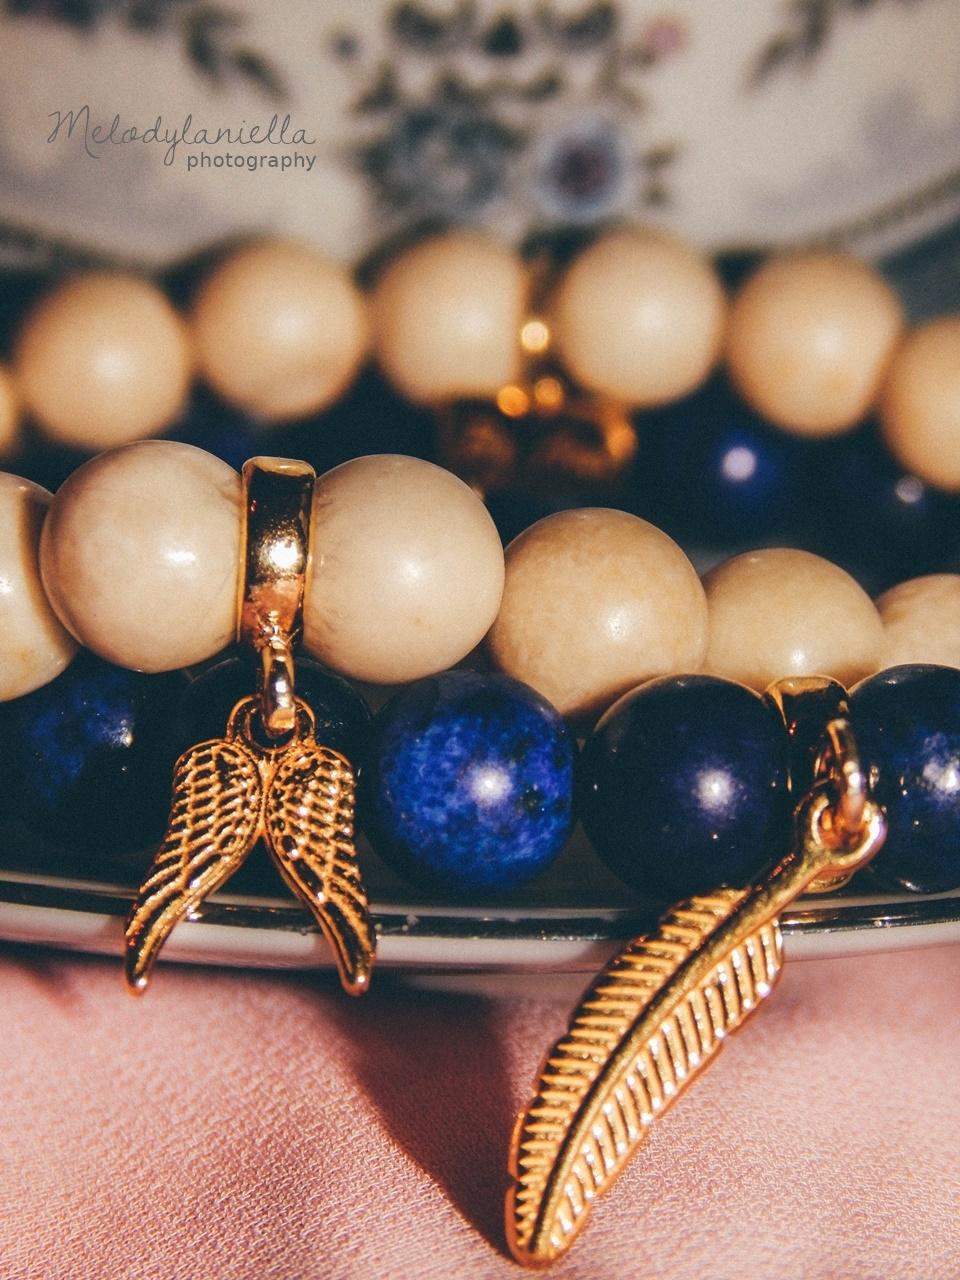 dzien kobiet charmsy koralikowe bransoletki na prezent jewellery by Ana bizuteria bransoletki marmur charmsy 24k zloto skrzydla piórko marmur lapis lazuli